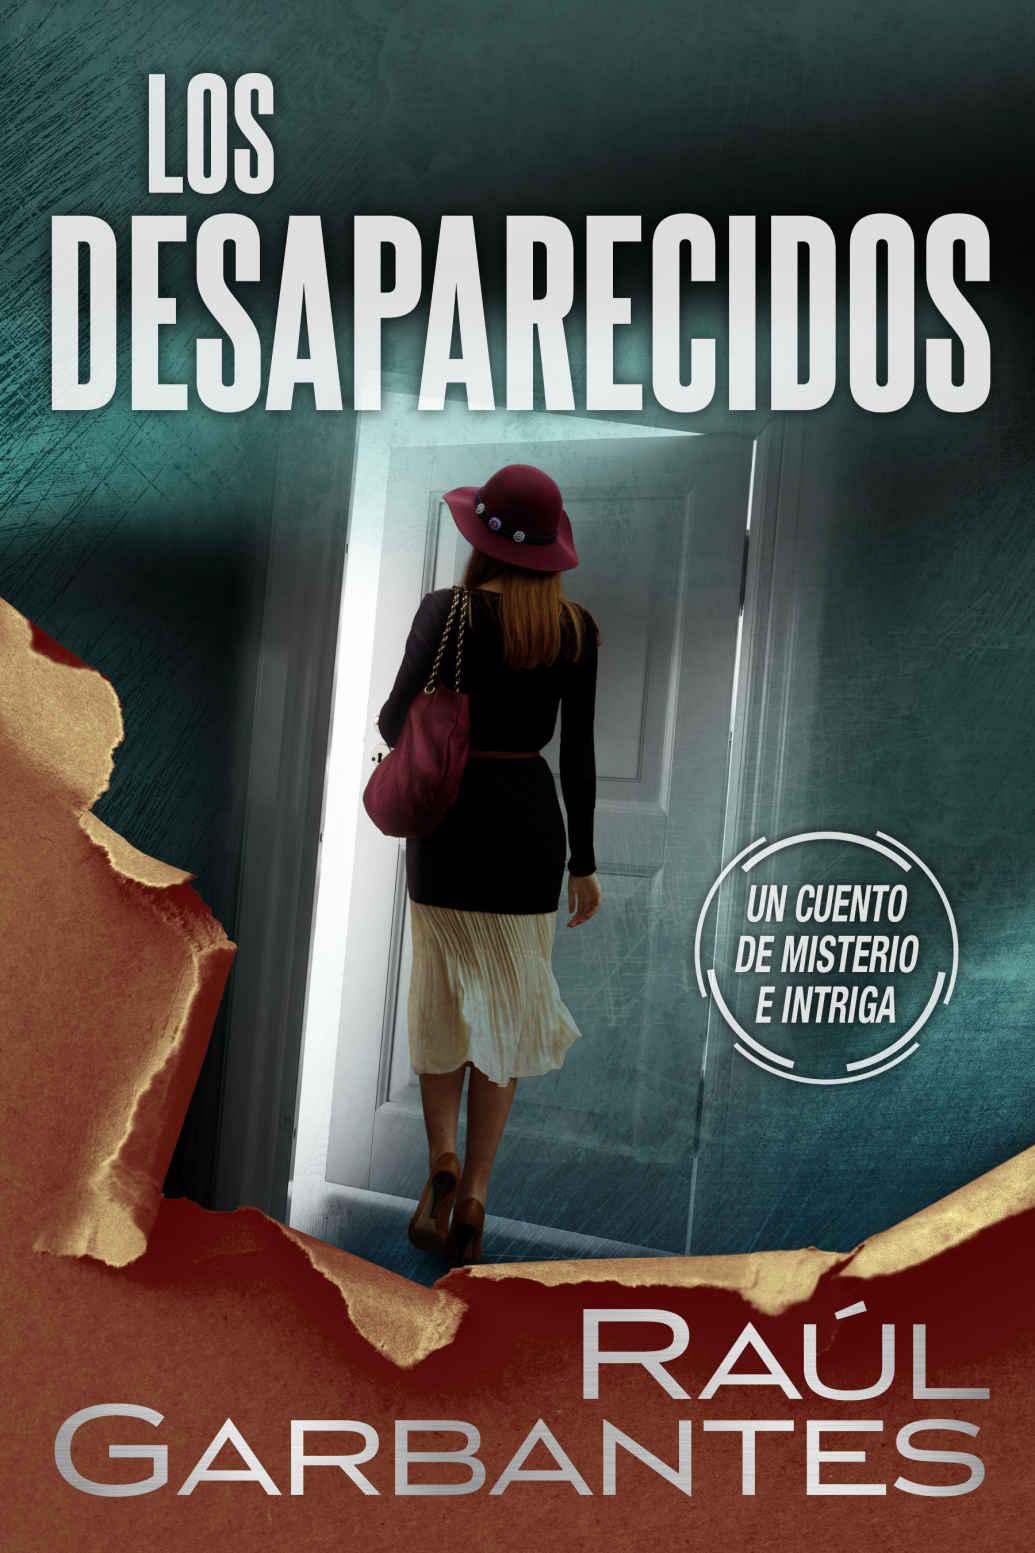 Los desaparecidos de Raúl Garbantes